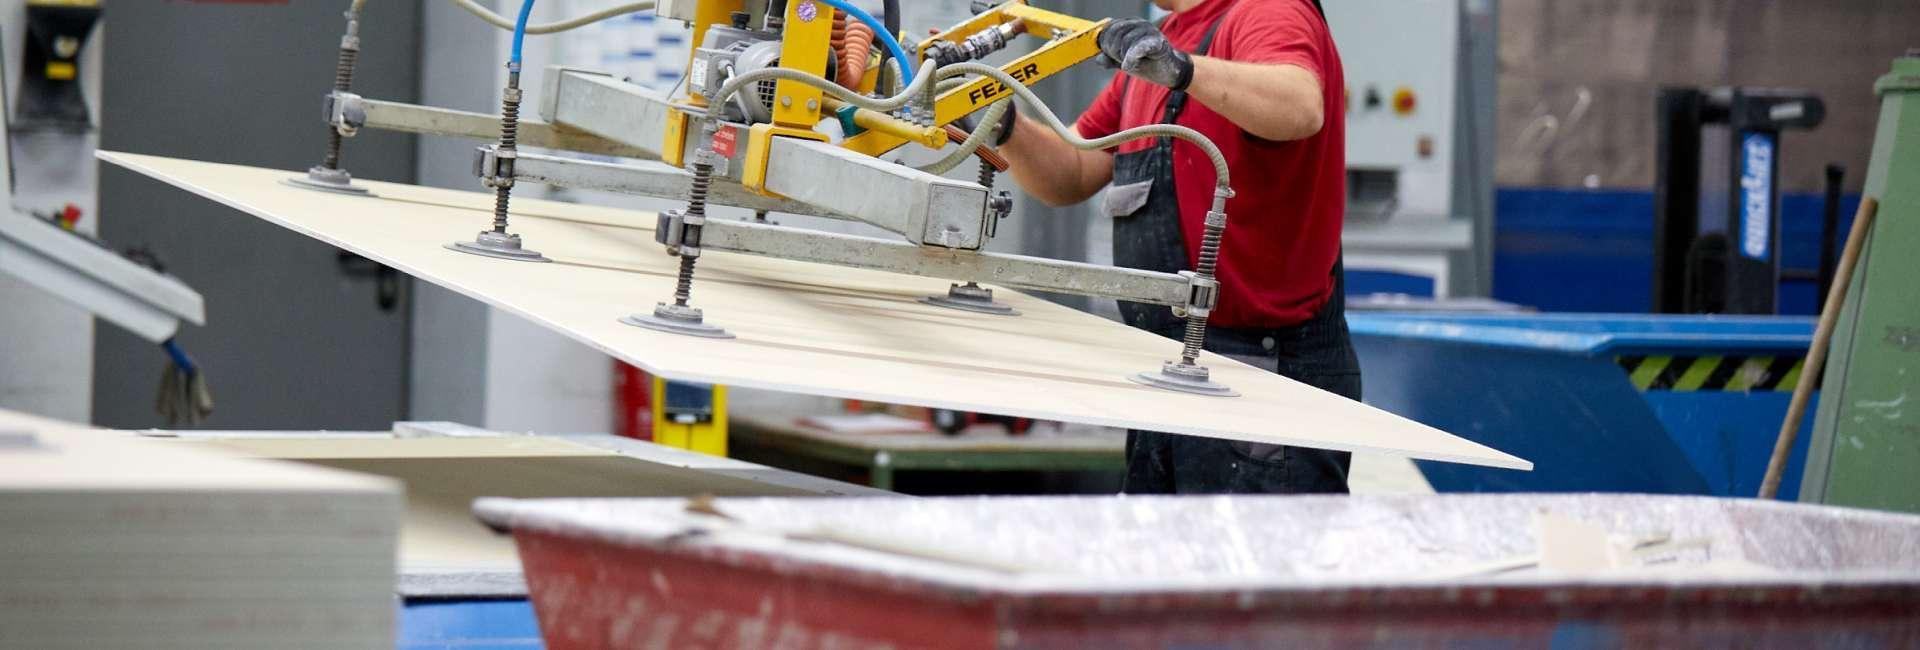 Vielfältiger Einsatz von Brandschutzplatten in der weiterverarbeitenden Industrie